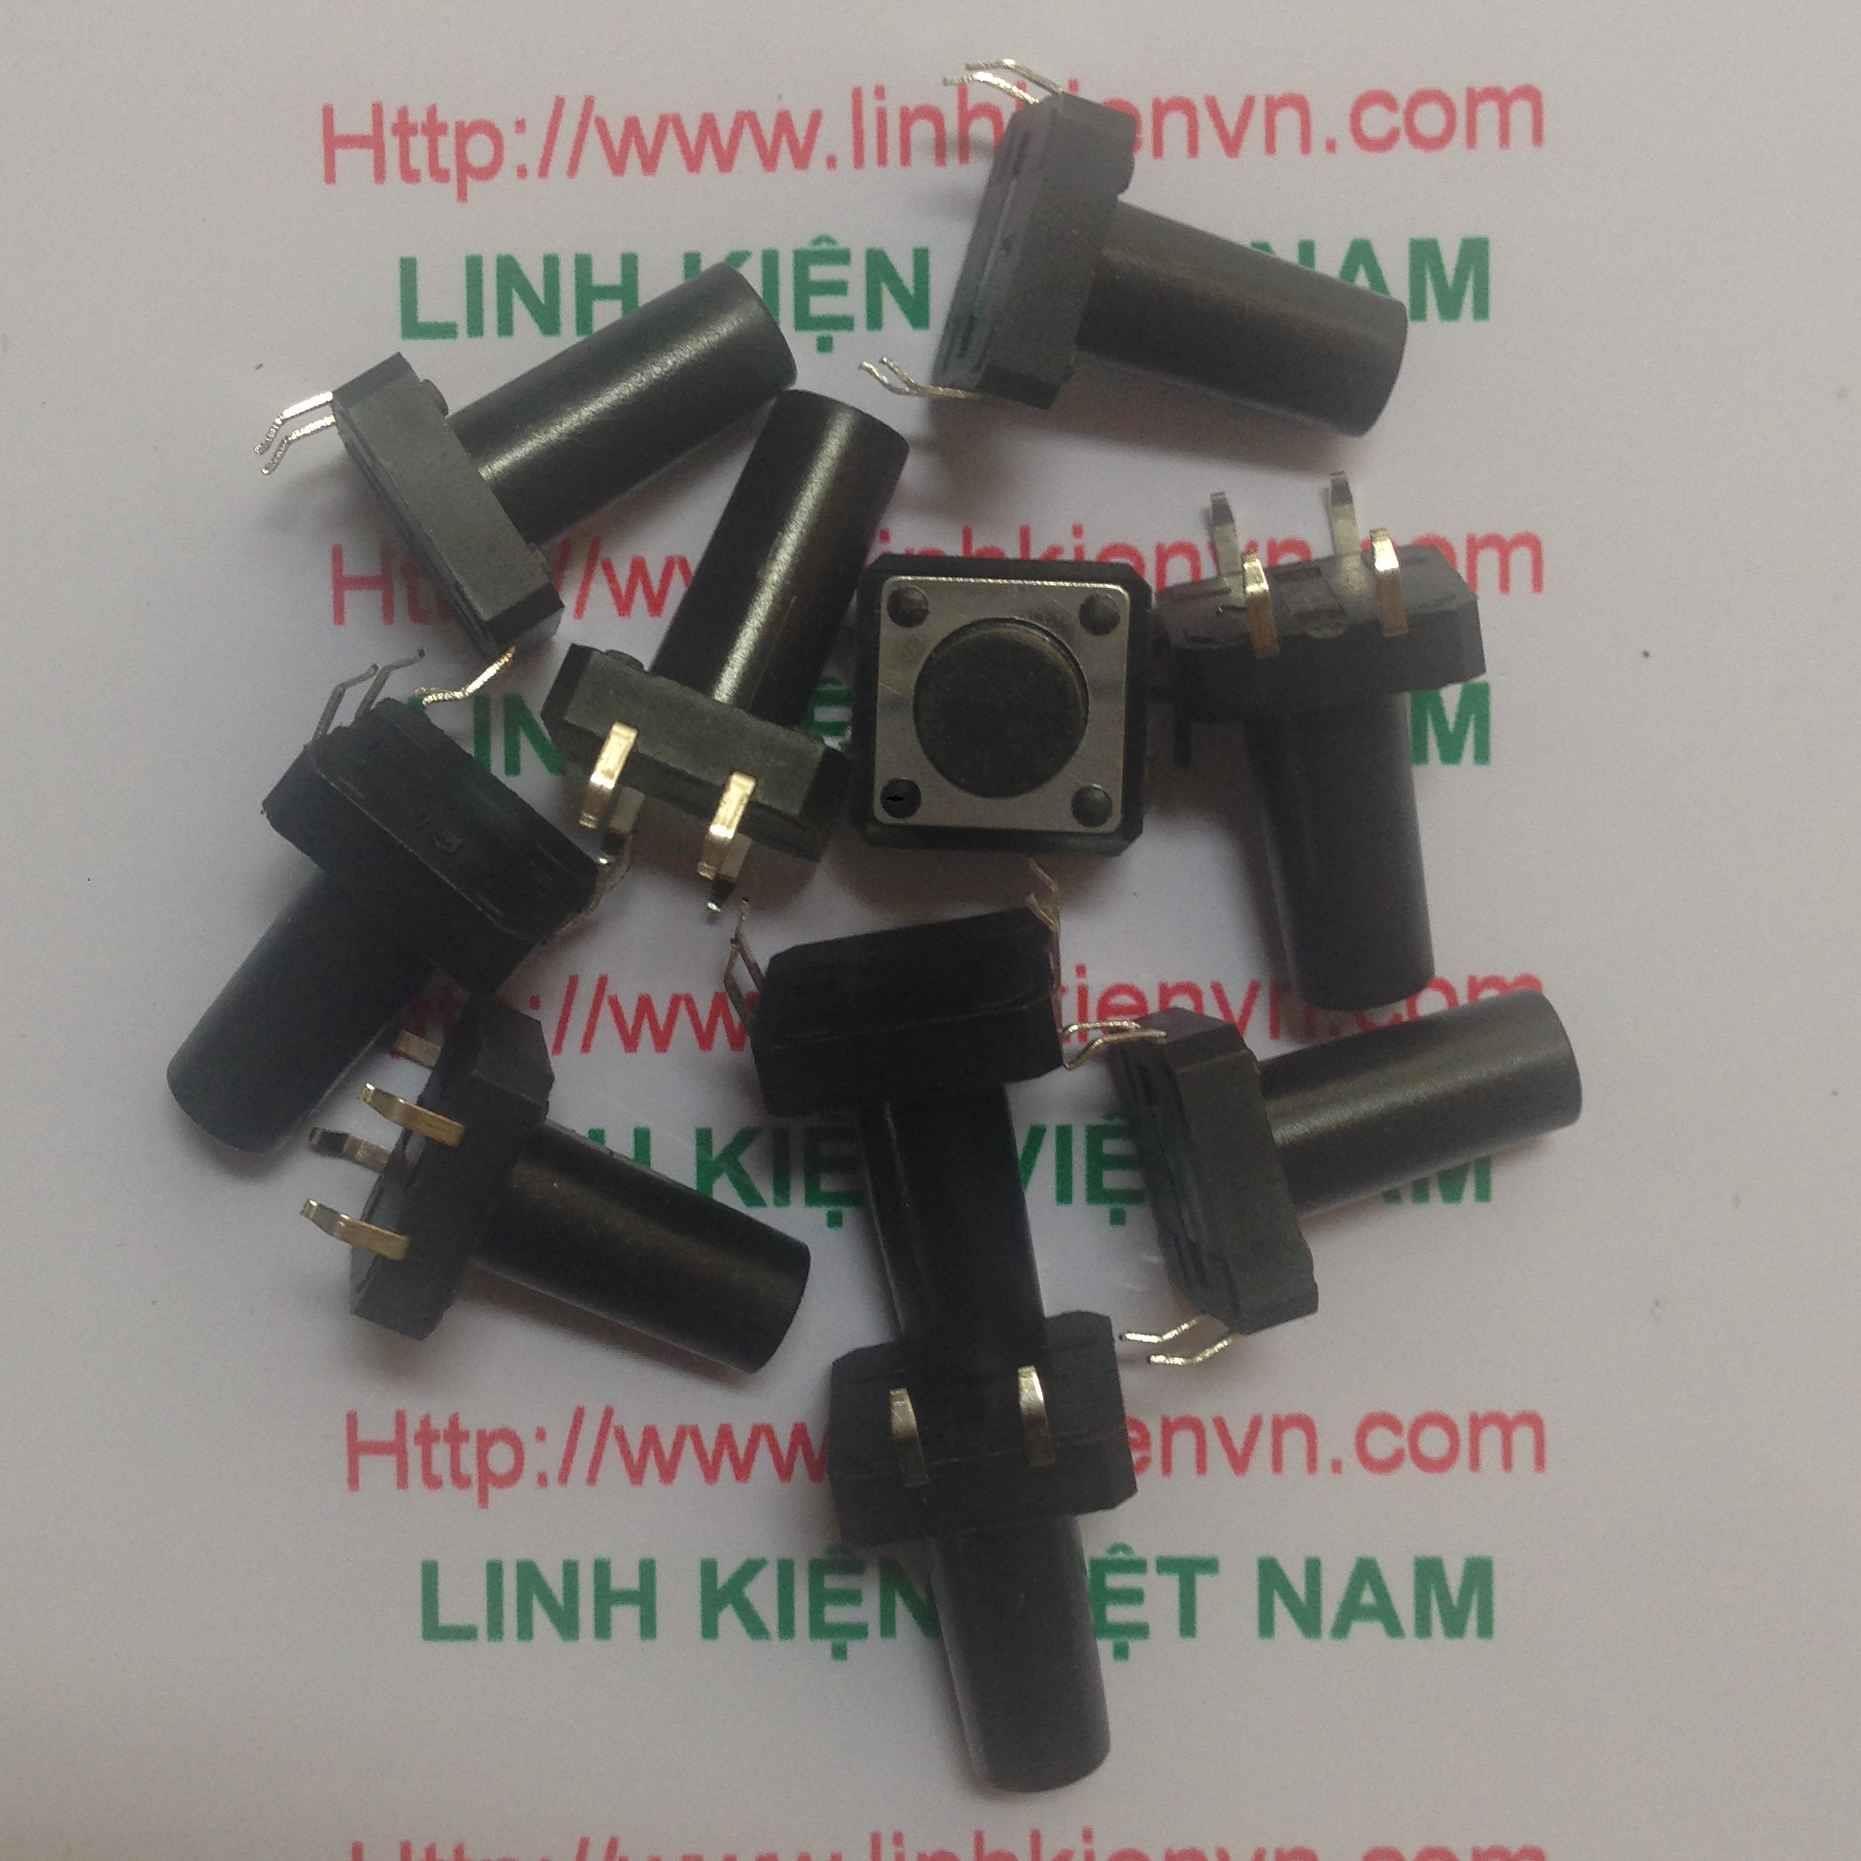 NÚT NHẤN 4 CHÂN 12x12x17mm - D4H13